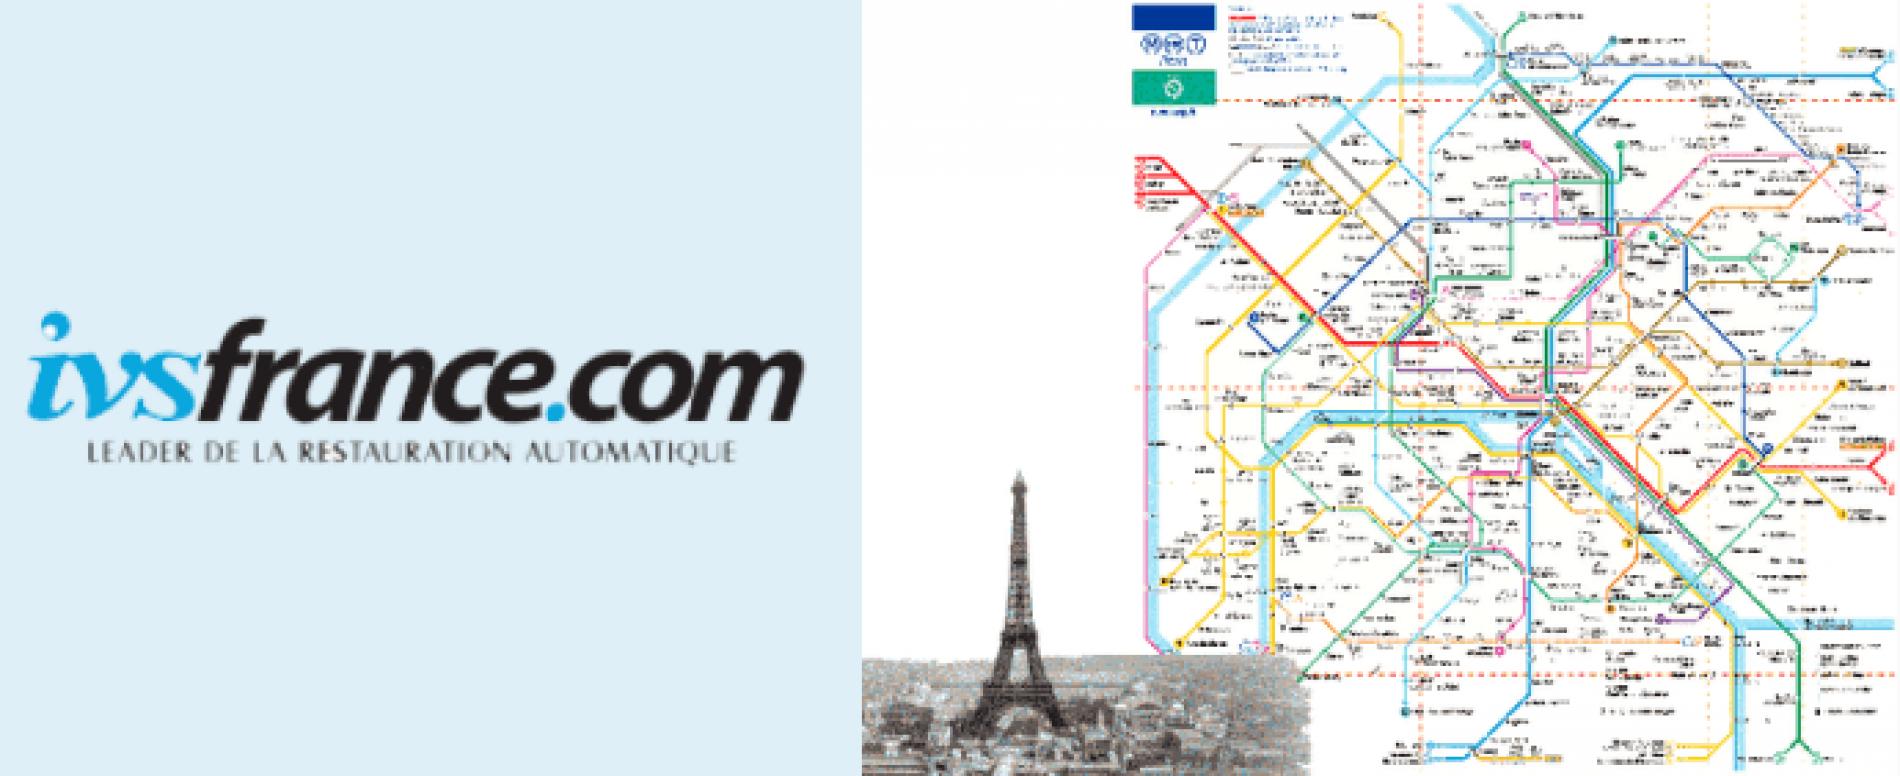 IVS France si aggiudica la gara per la Metropolitana di Parigi